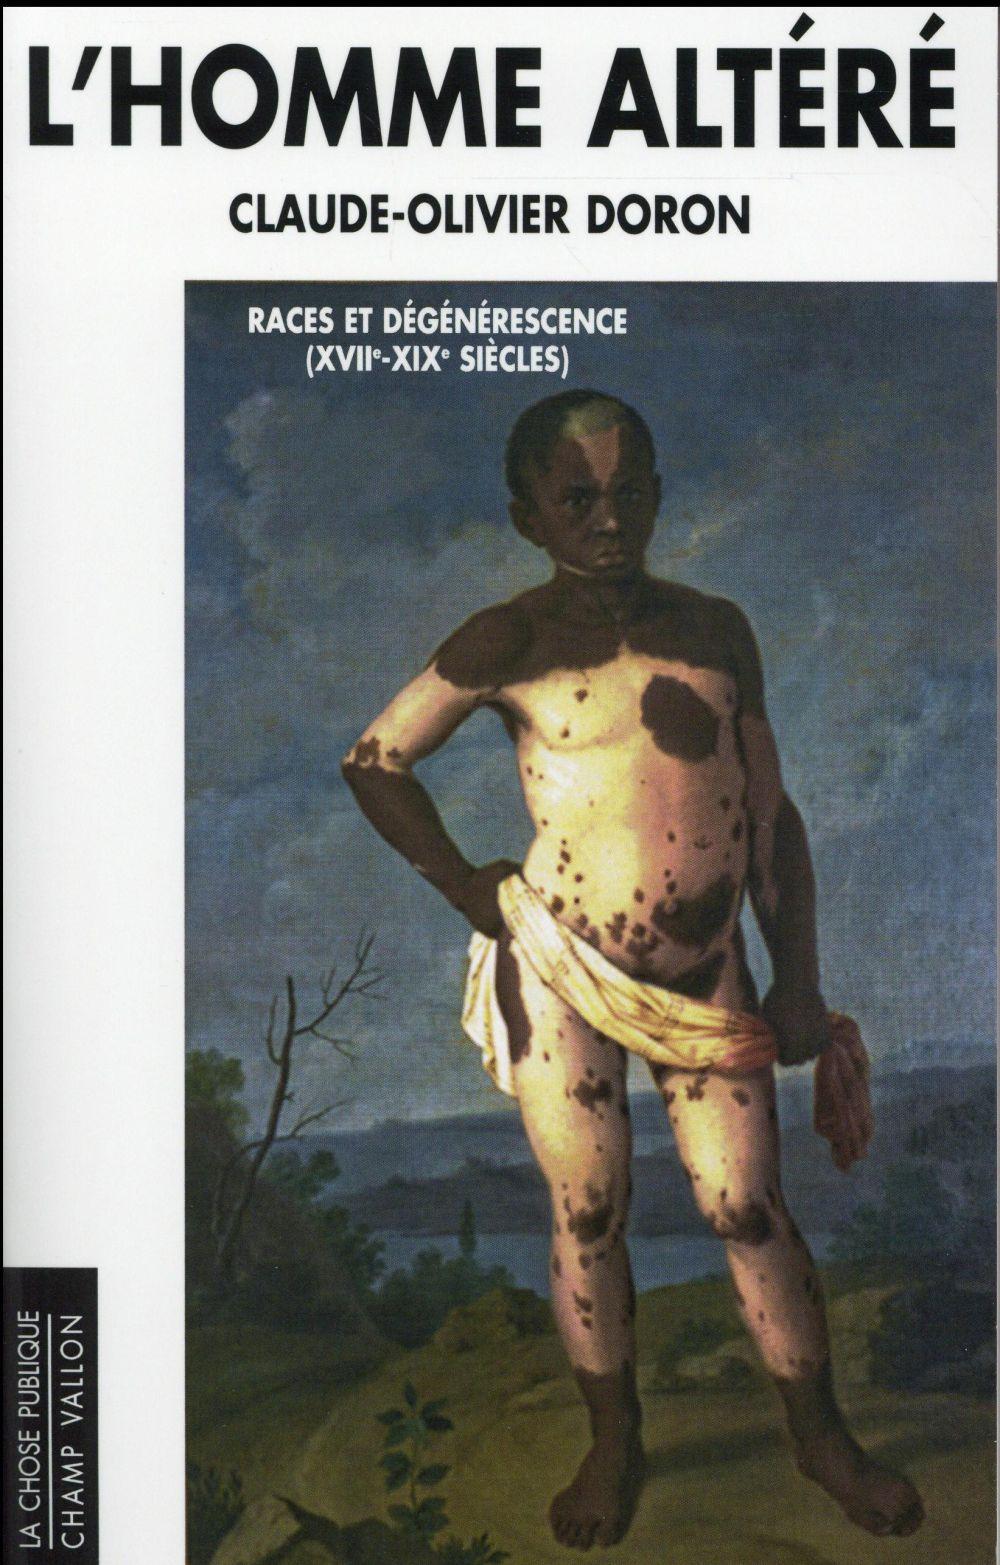 L'homme altéré ; races et dégénérescence (XVIIe-XIXe siècles)